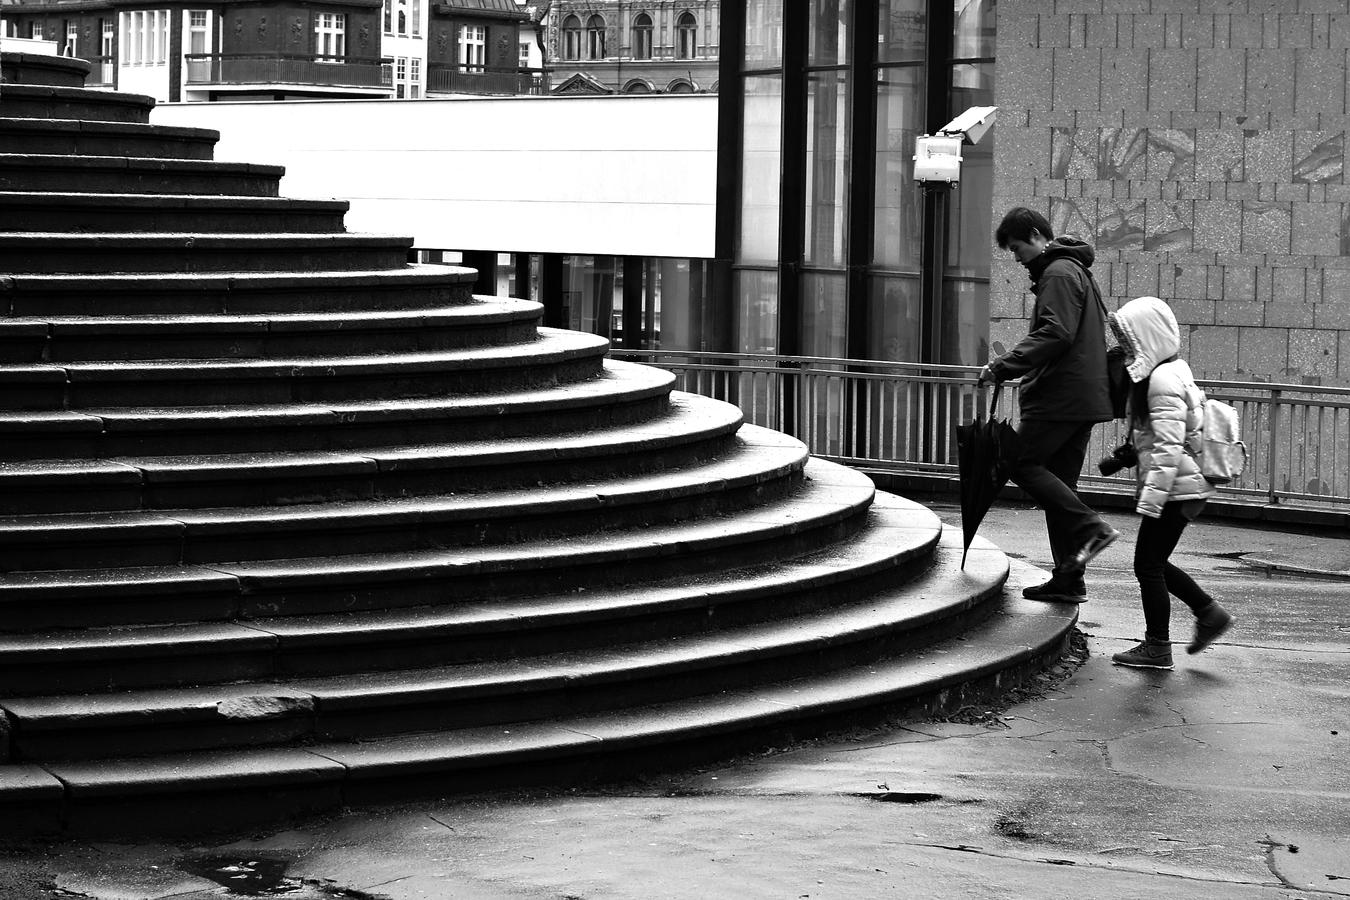 Šestnáct schodů